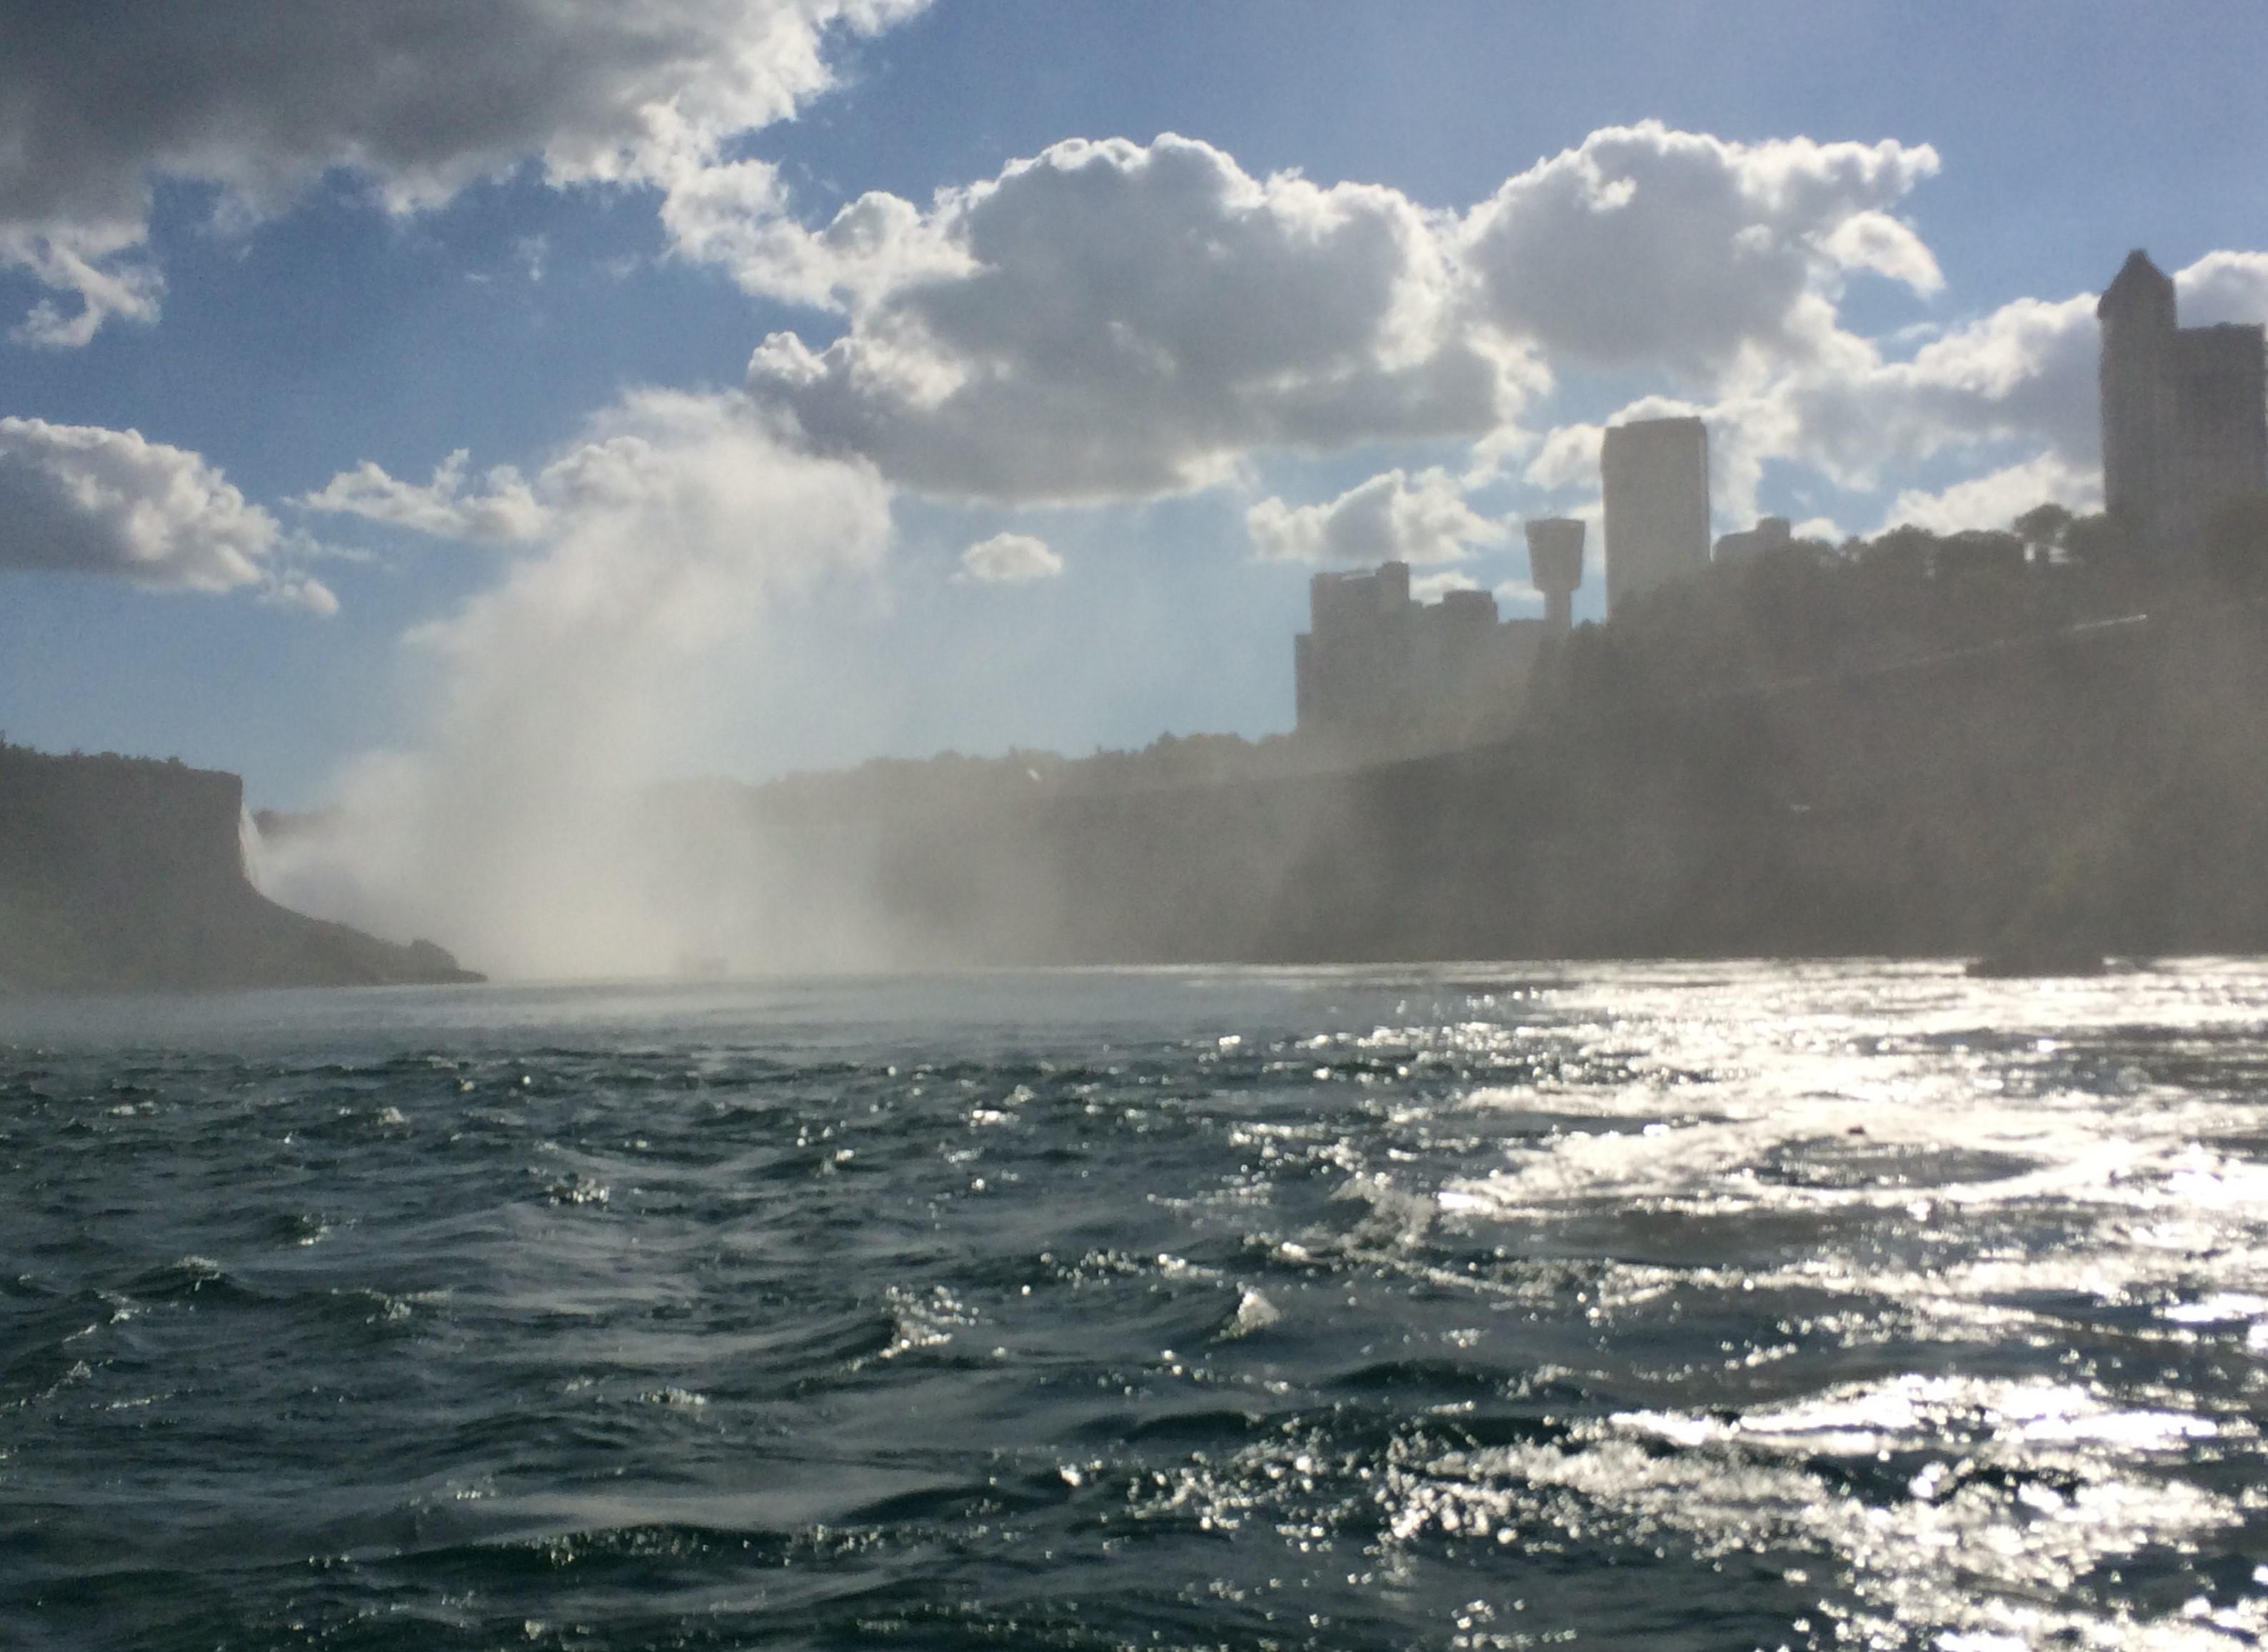 0027 2015-09-22 16.09.01 Niagara Falls, ON